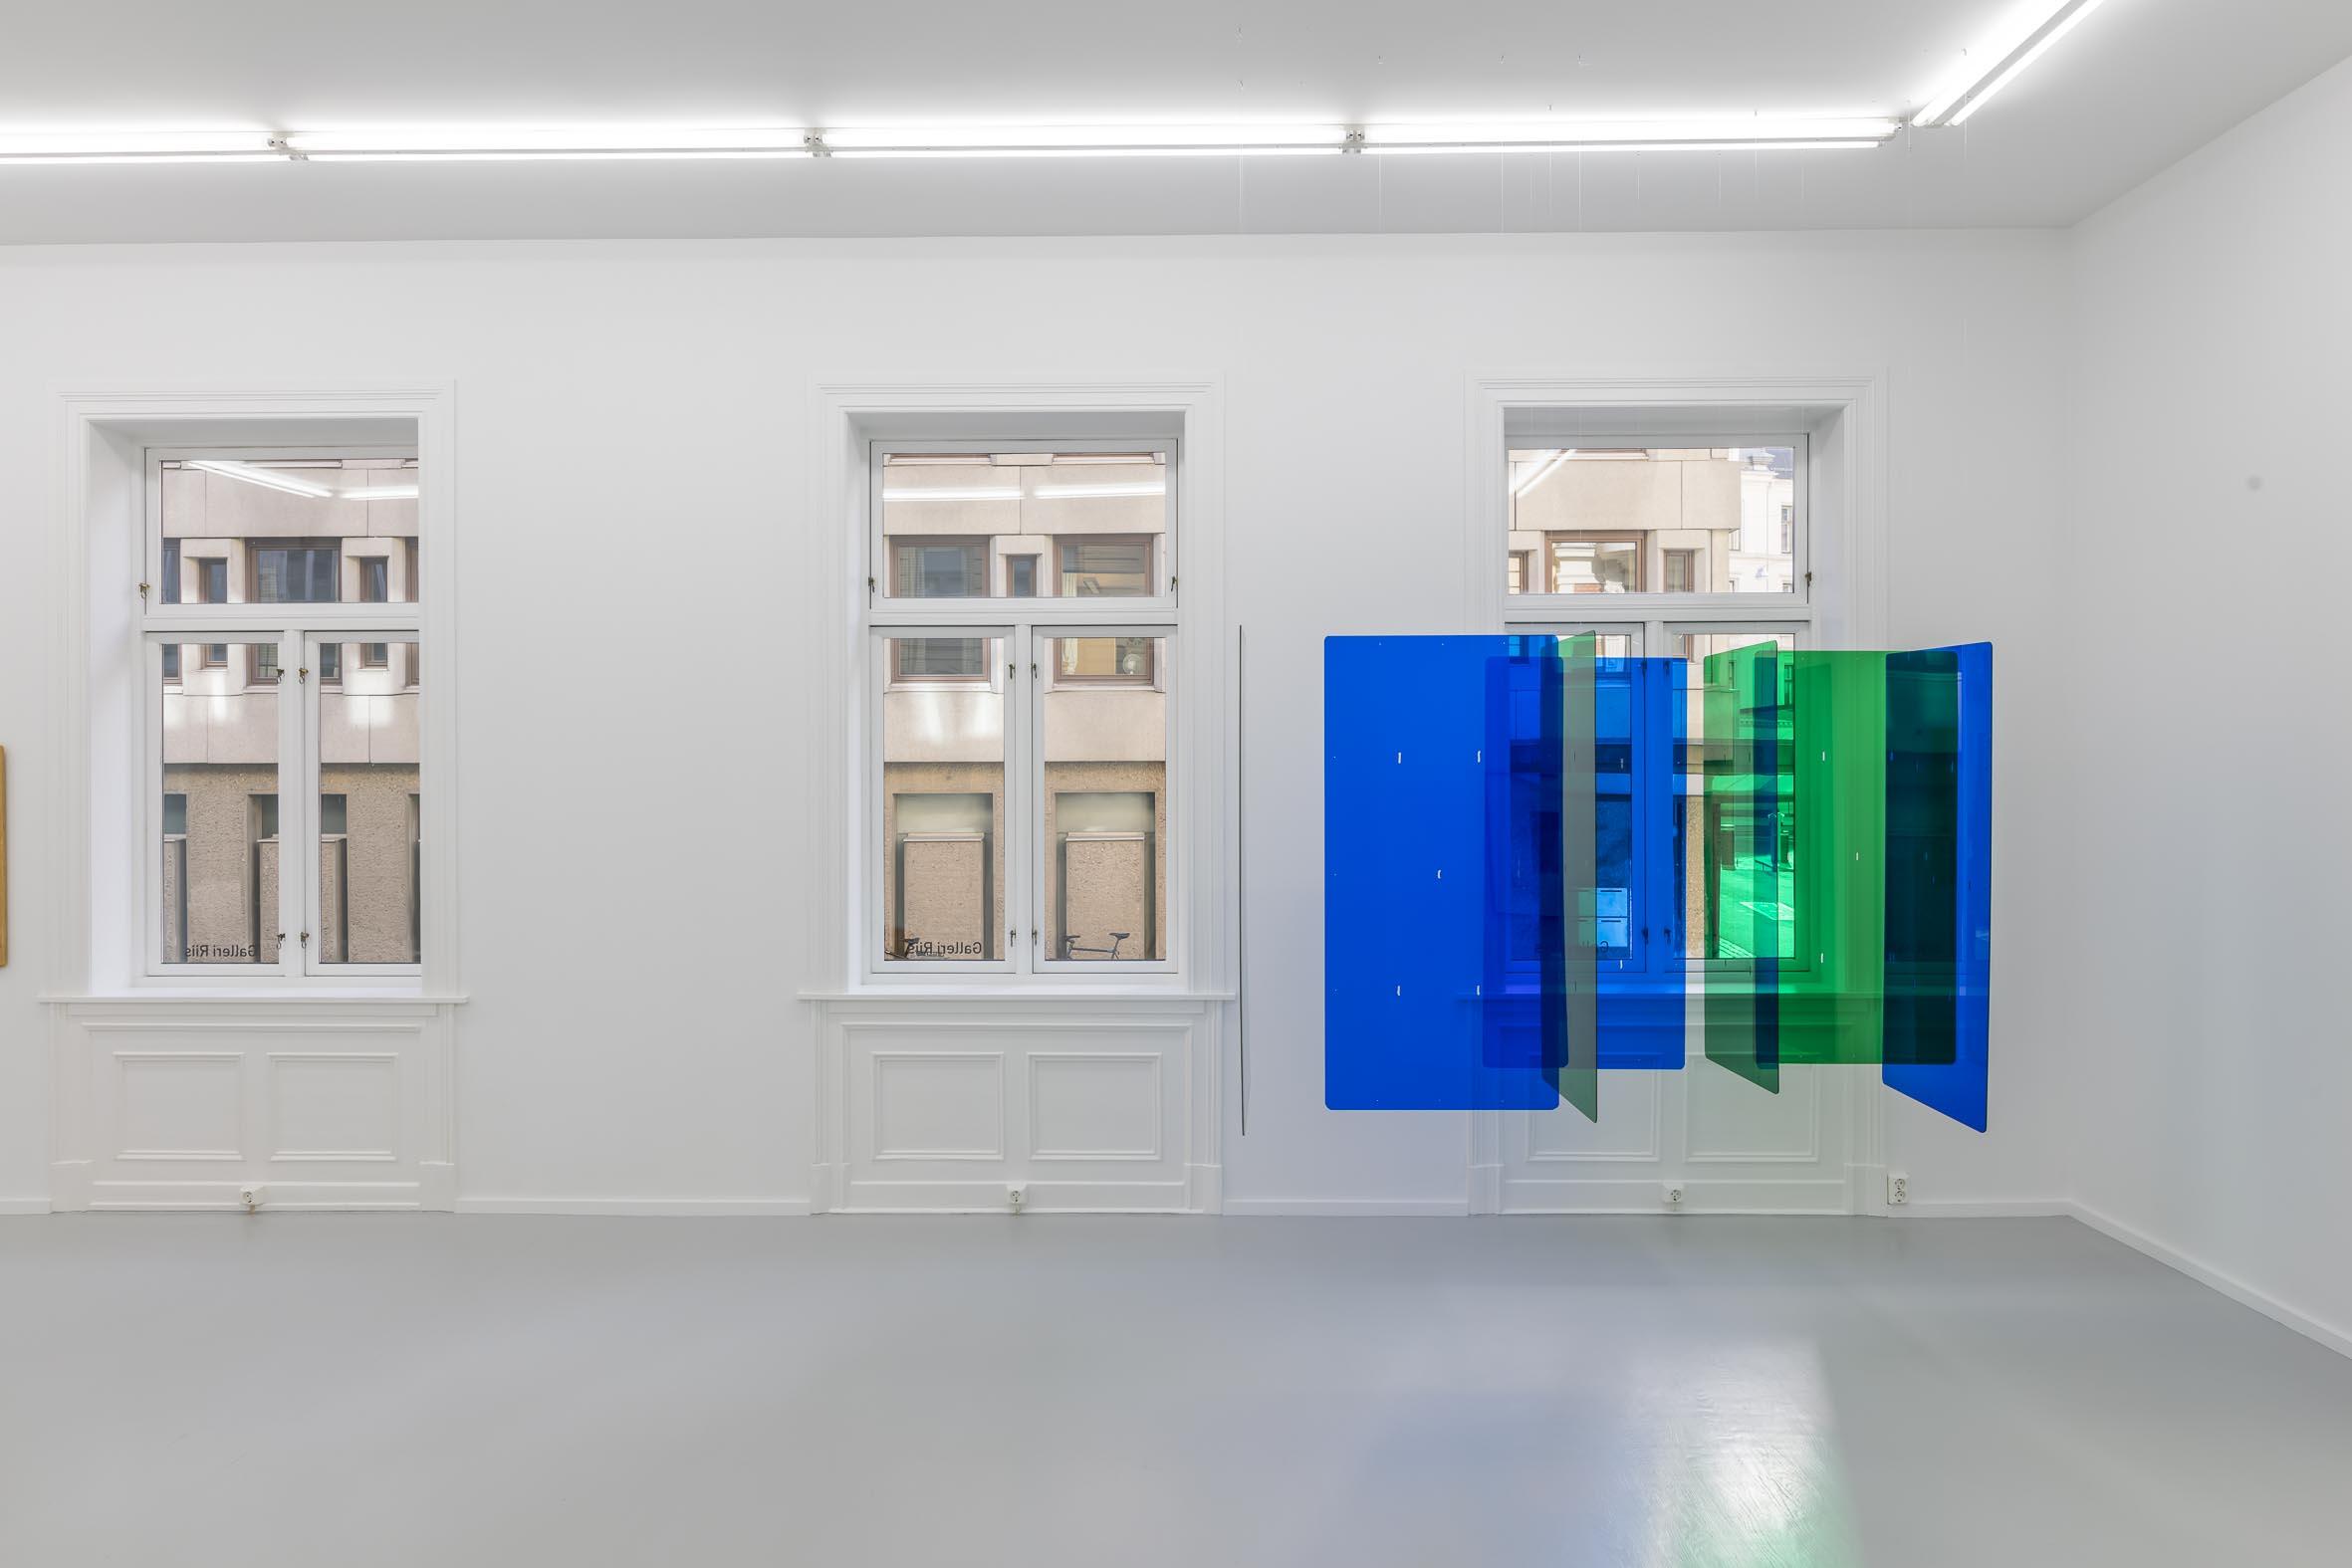 kortstokk blå/grønn, 2000, plexiglas, variable dimensions